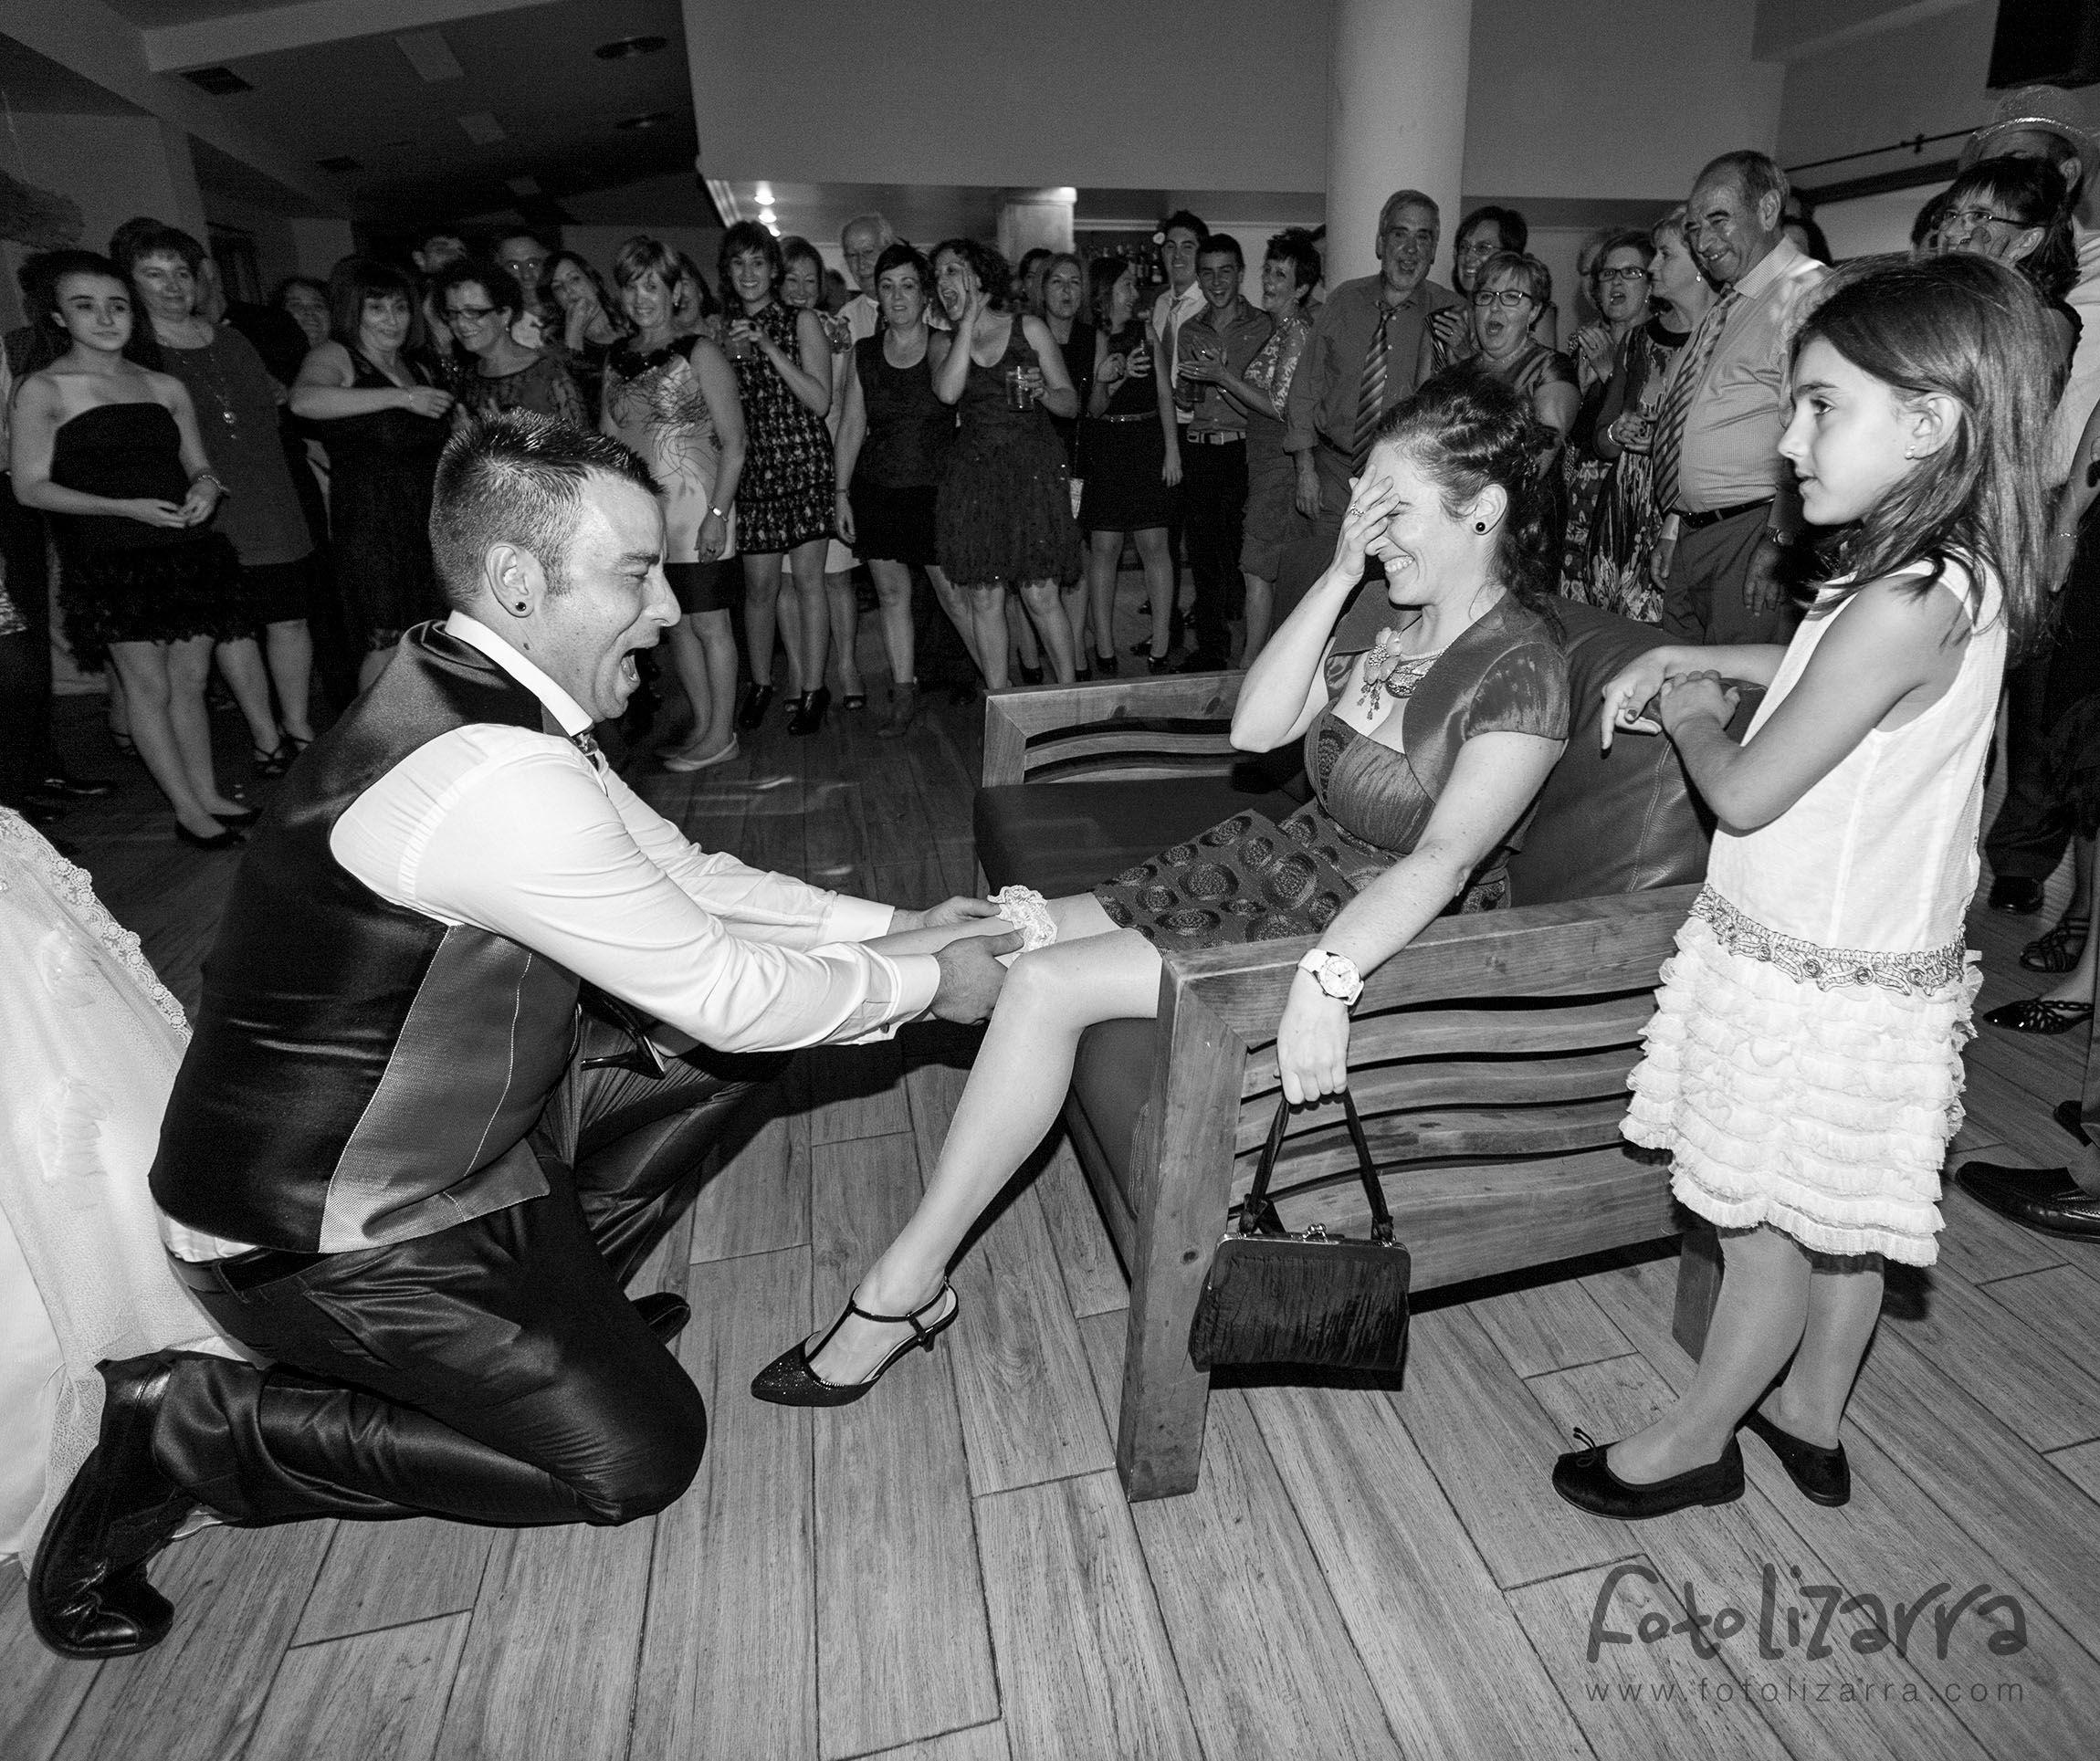 Lo de poner ligas de las novias a las invitadas es todo un arte que los novios tienen que demostrar, sólo hay que ver la cara de Miguel Ángel...